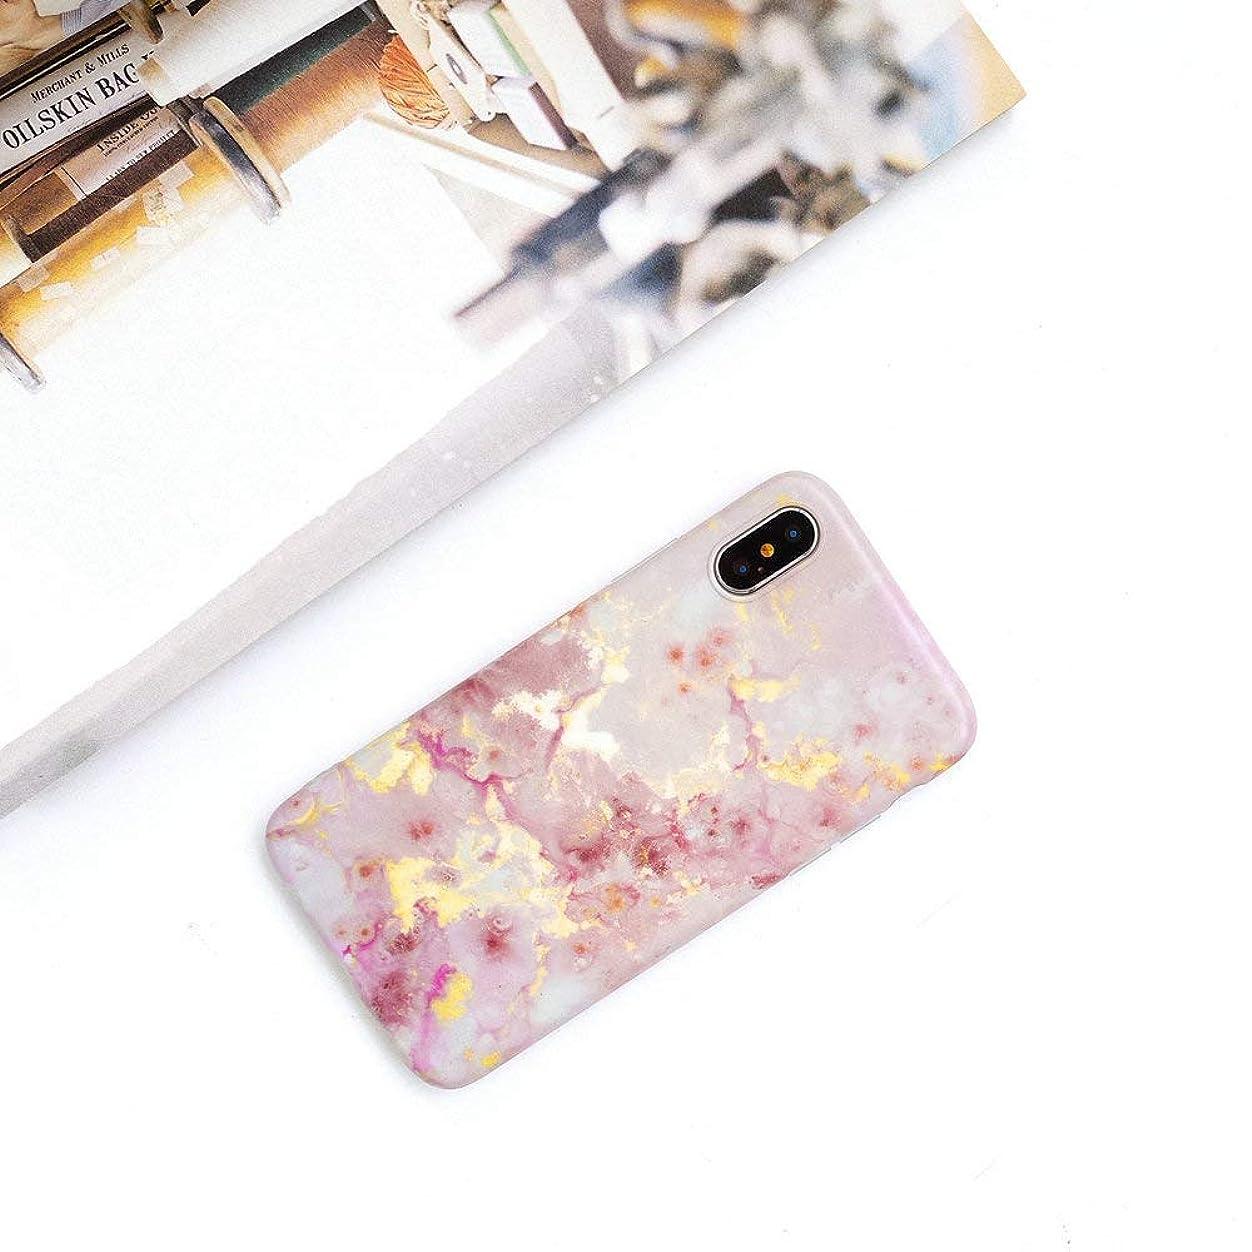 スープ宝古風なiPhone ケース レディース メンズ 携帯ケース iPhone7/8/7Plus/8Plus,iPhone X/XR,iPhoneXS/XS MAX (iPhone8 ケース)